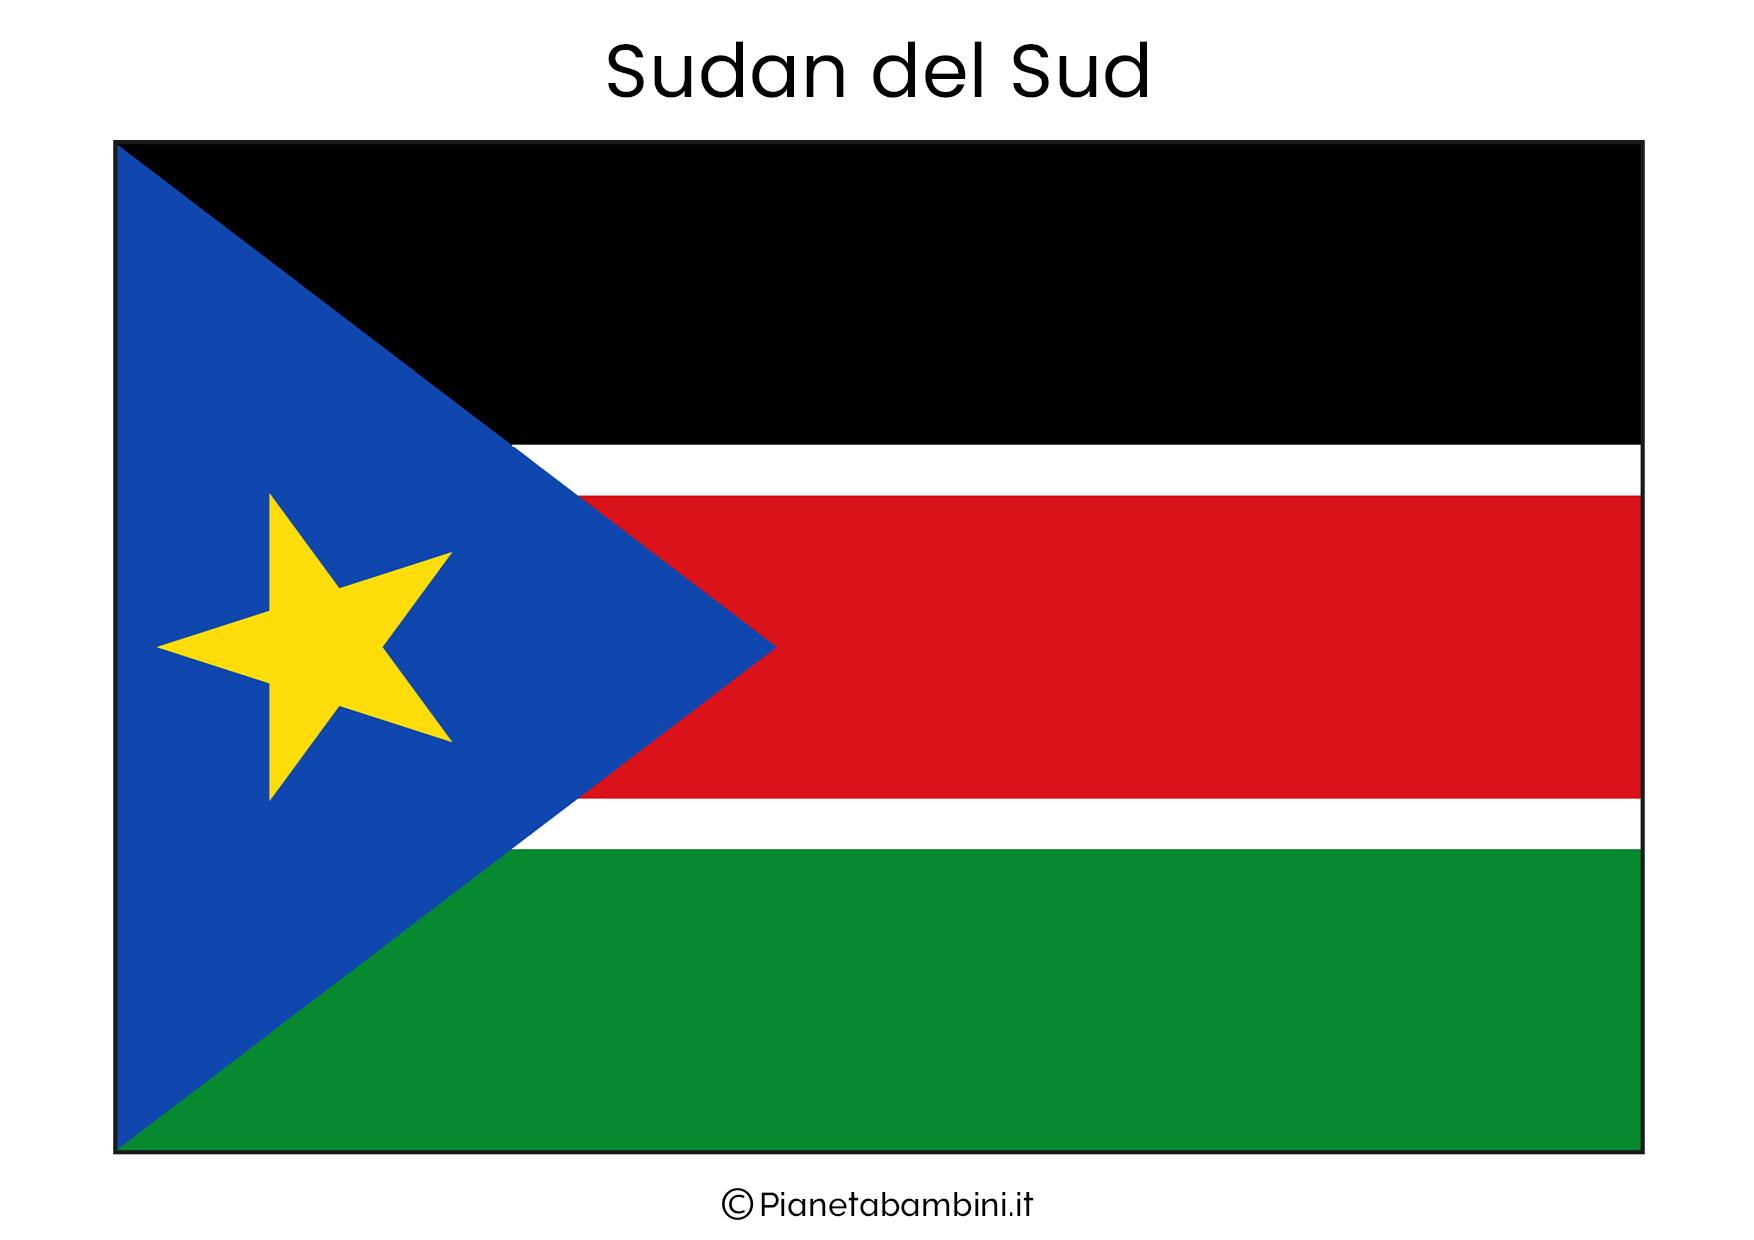 Bandiera del Sudan del Sud da stampare